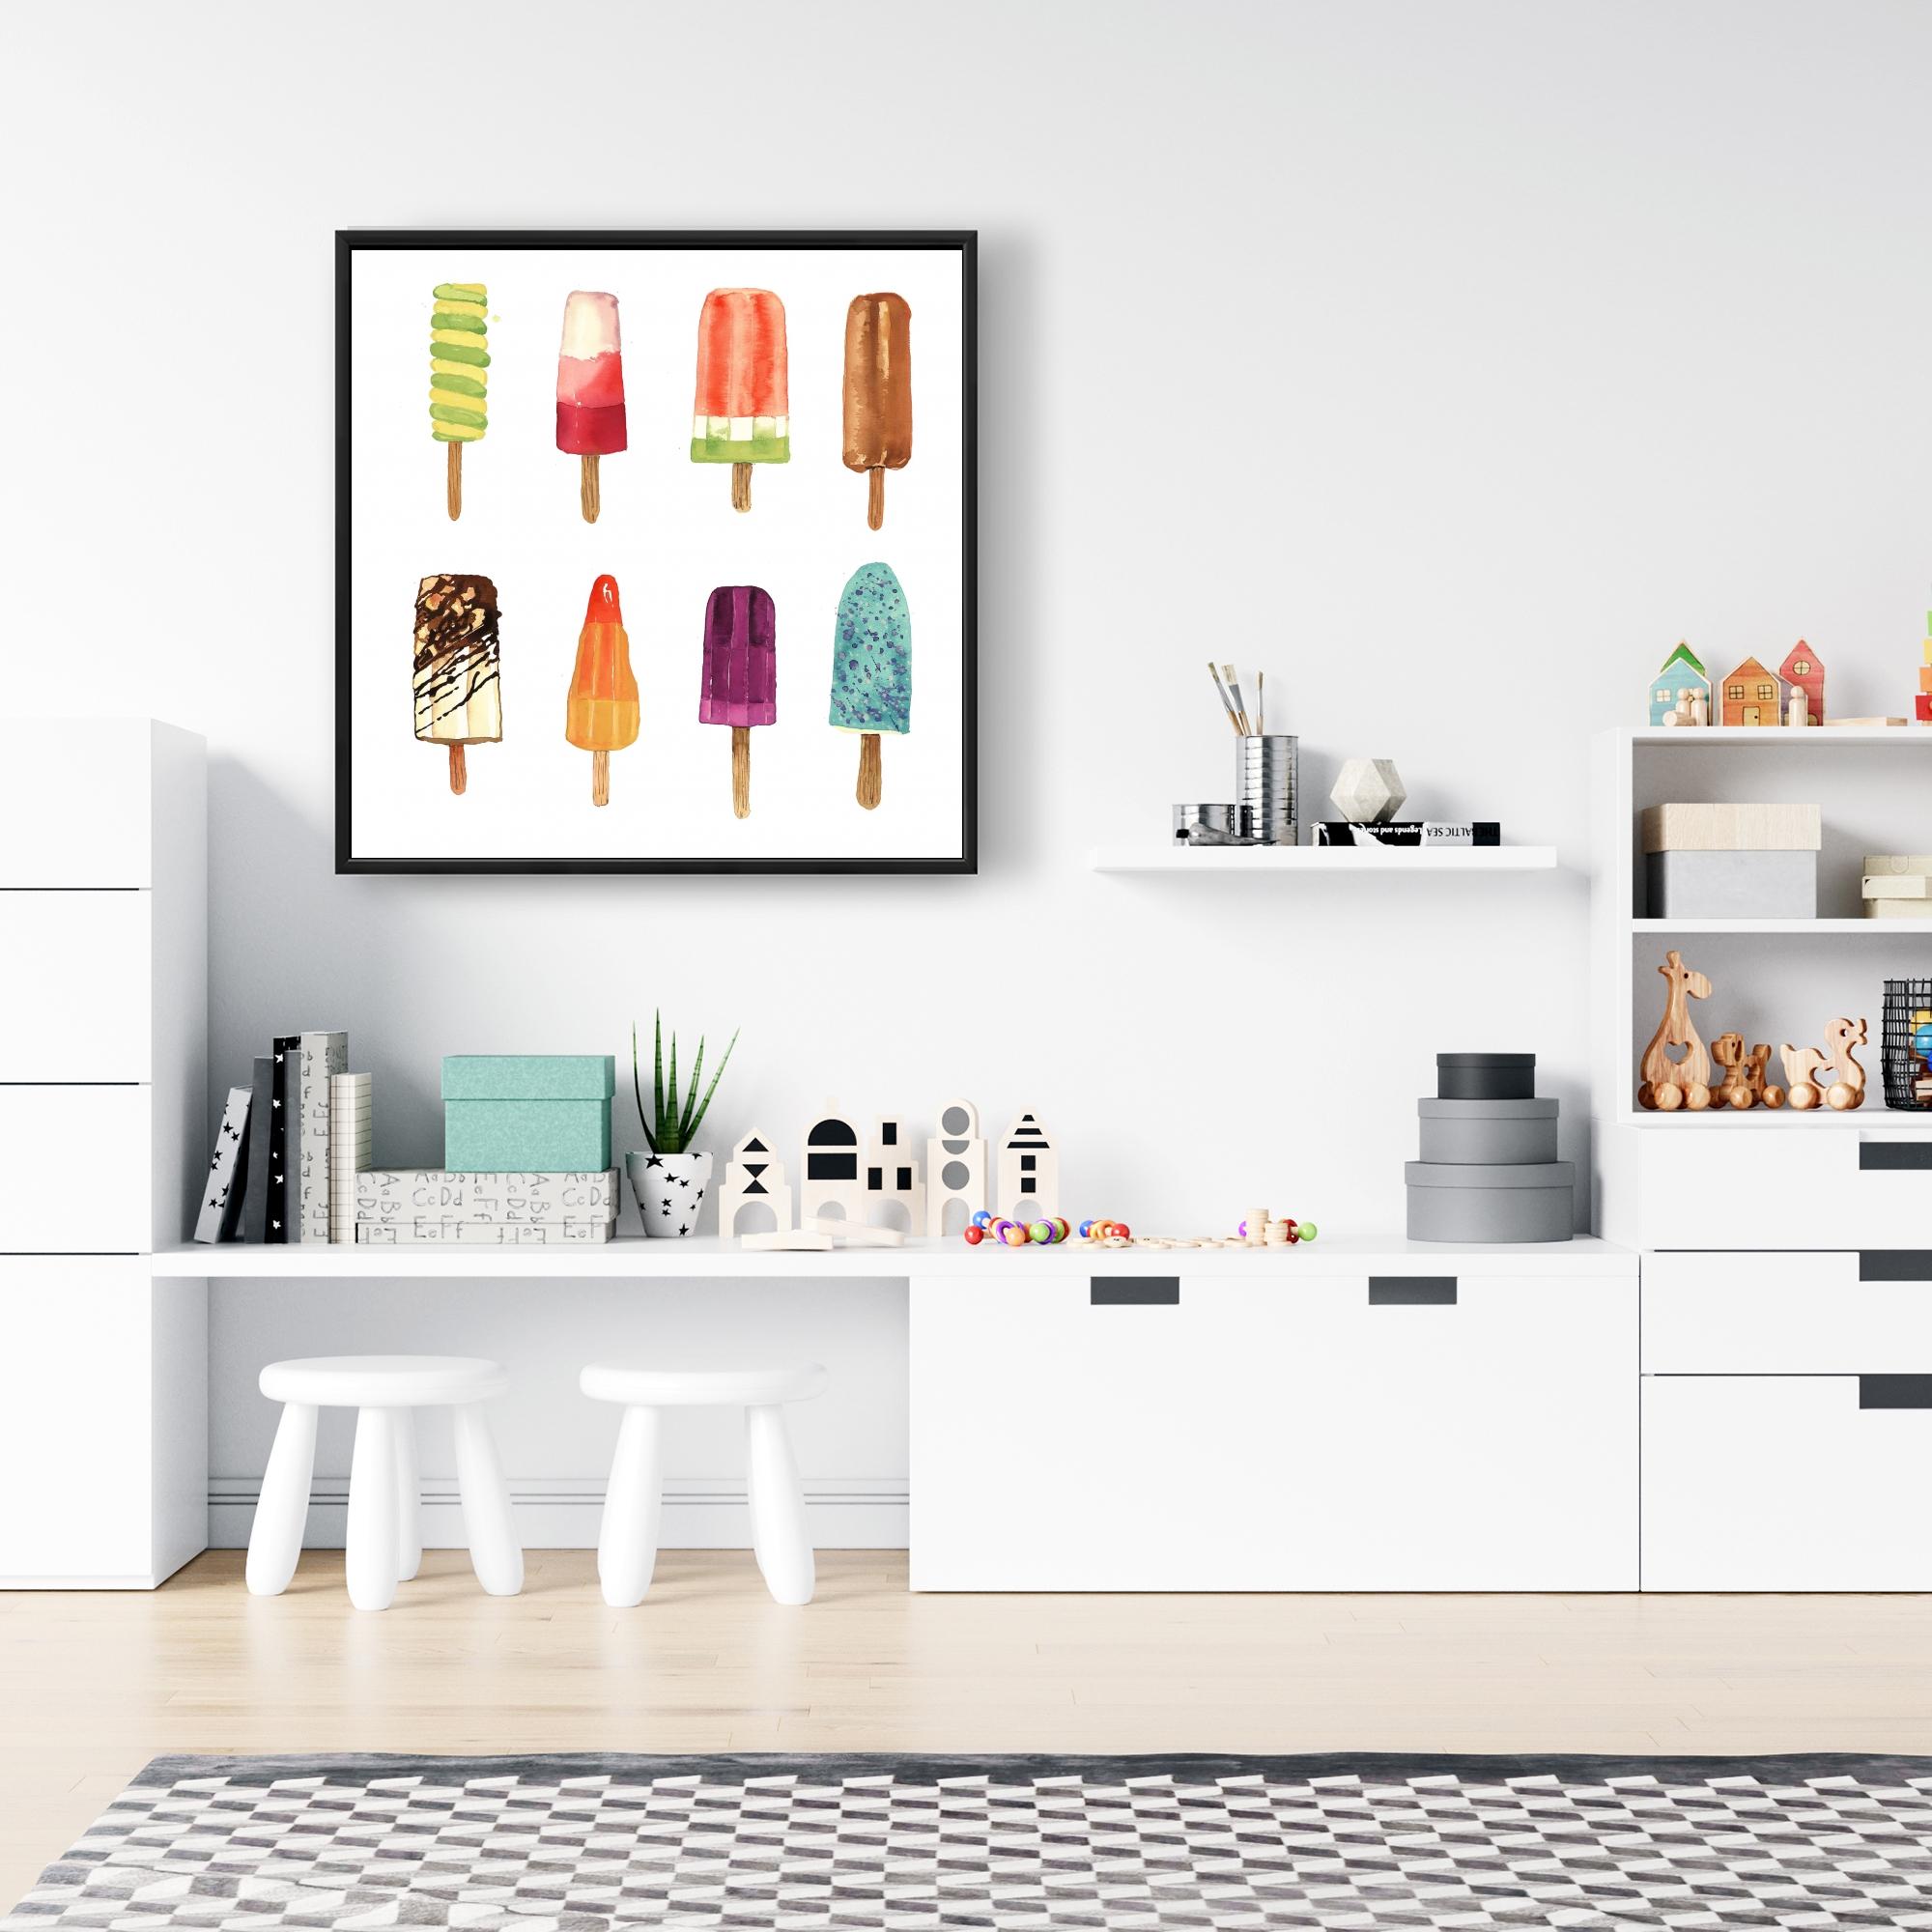 Framed 24 x 24 - Iced lollipop